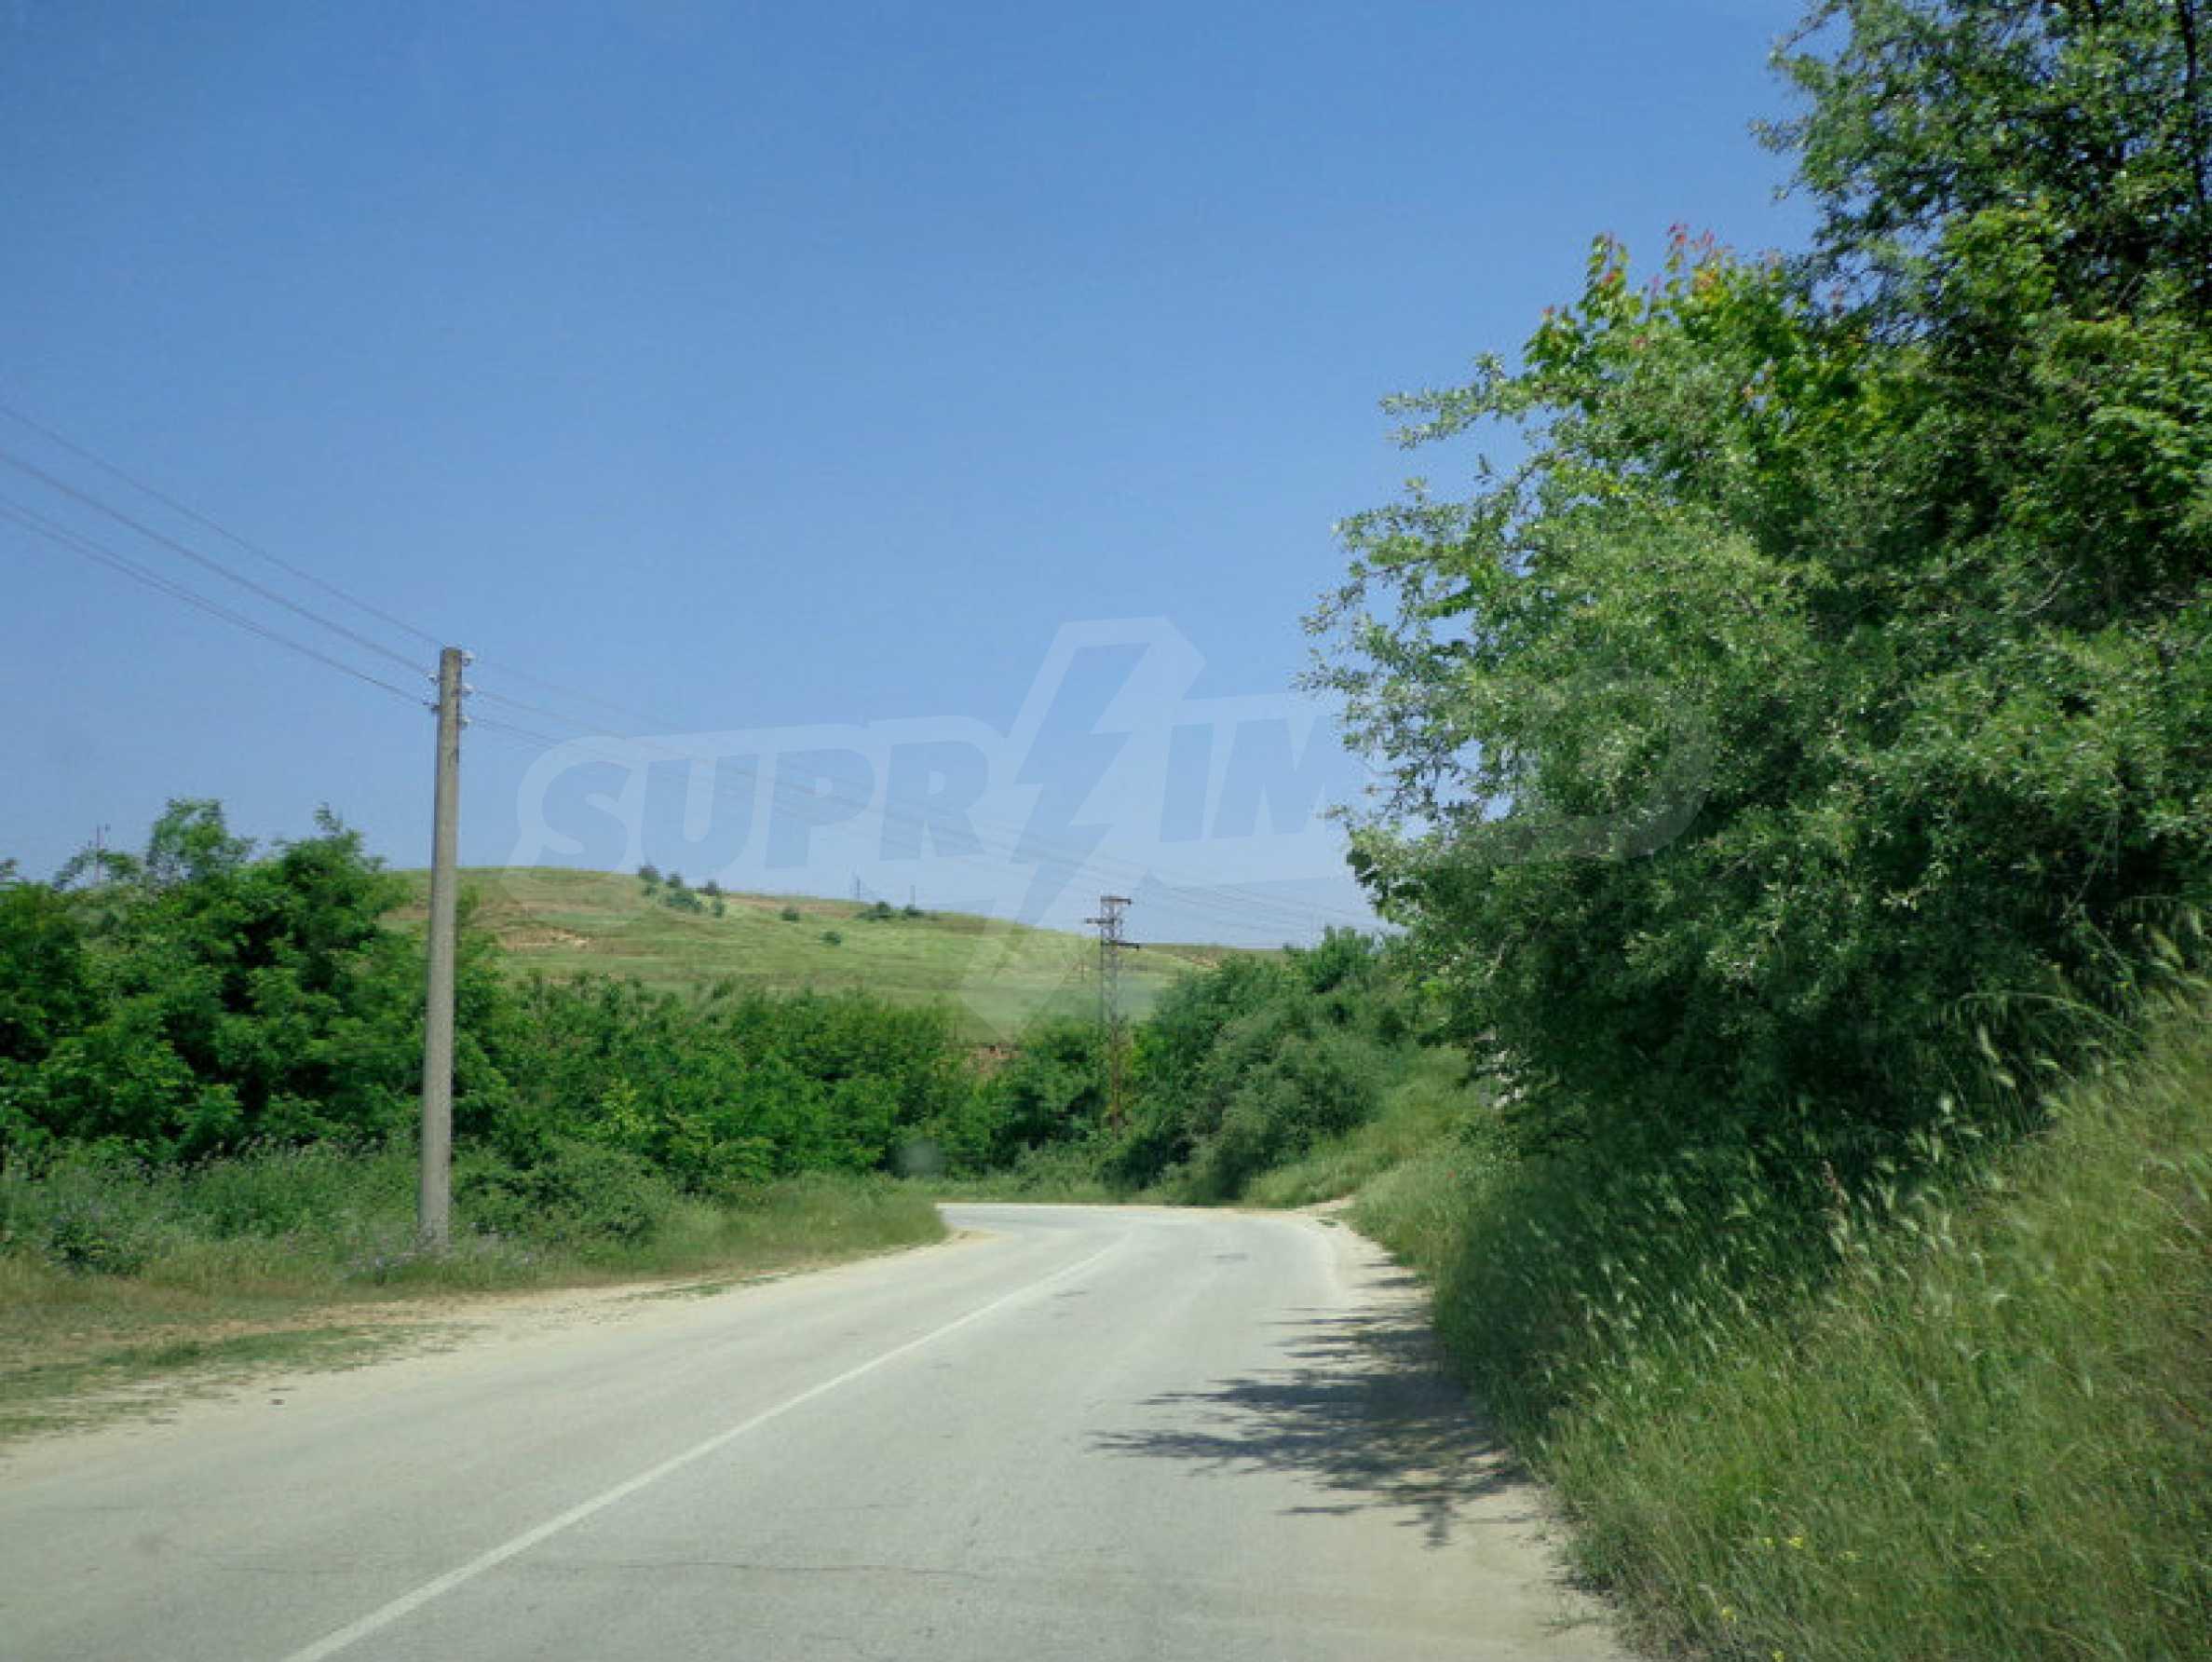 Grundstück zum Verkauf in einem malerischen Dorf 12 km von Sandanski entfernt 9